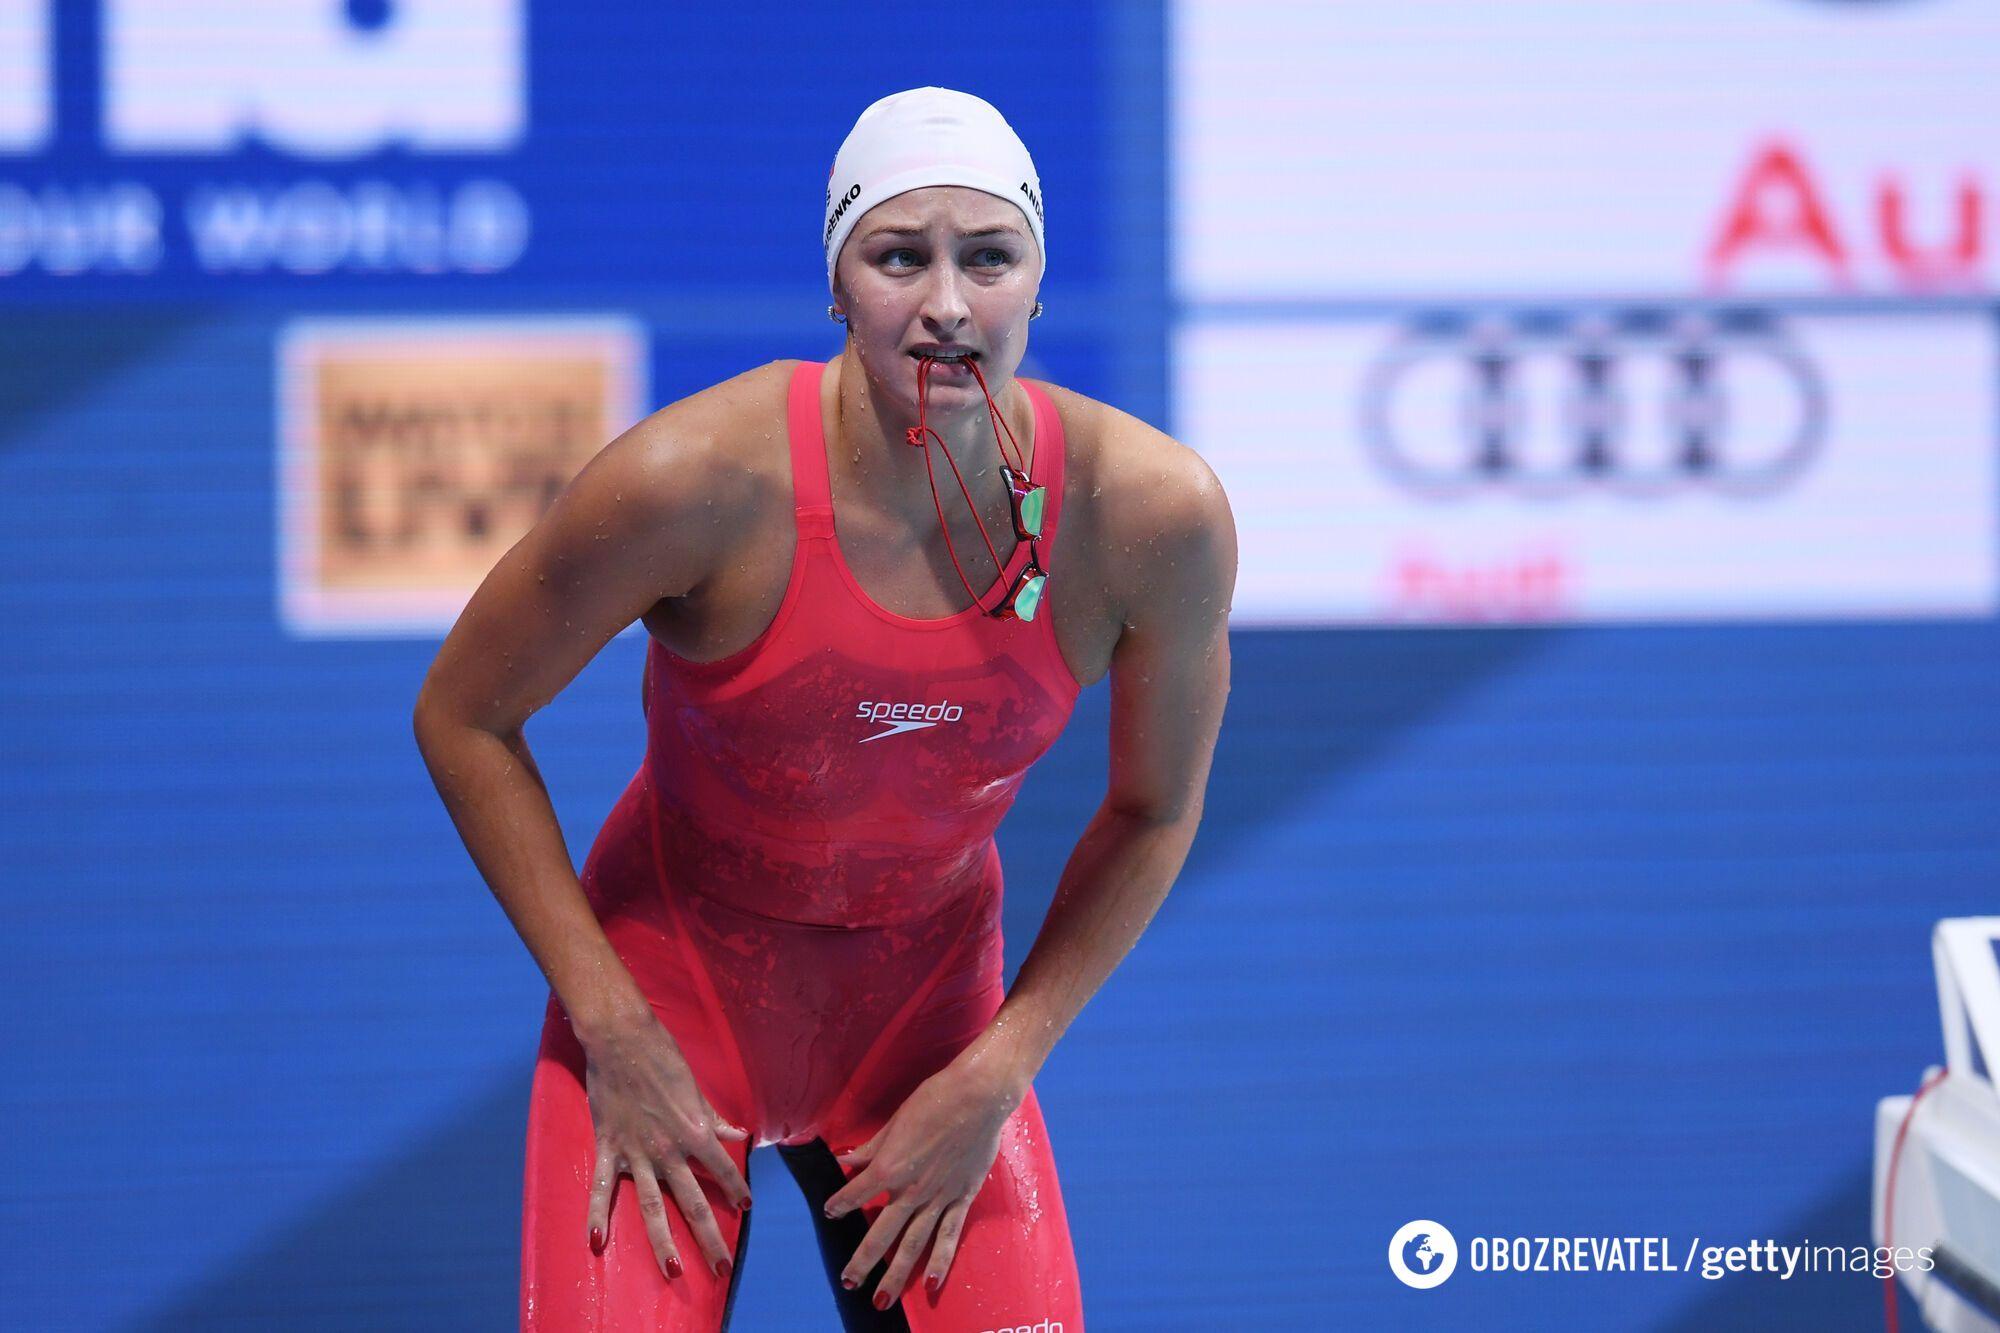 Вероніка Андрусенко виграла два чемпіонати Європи на короткій воді